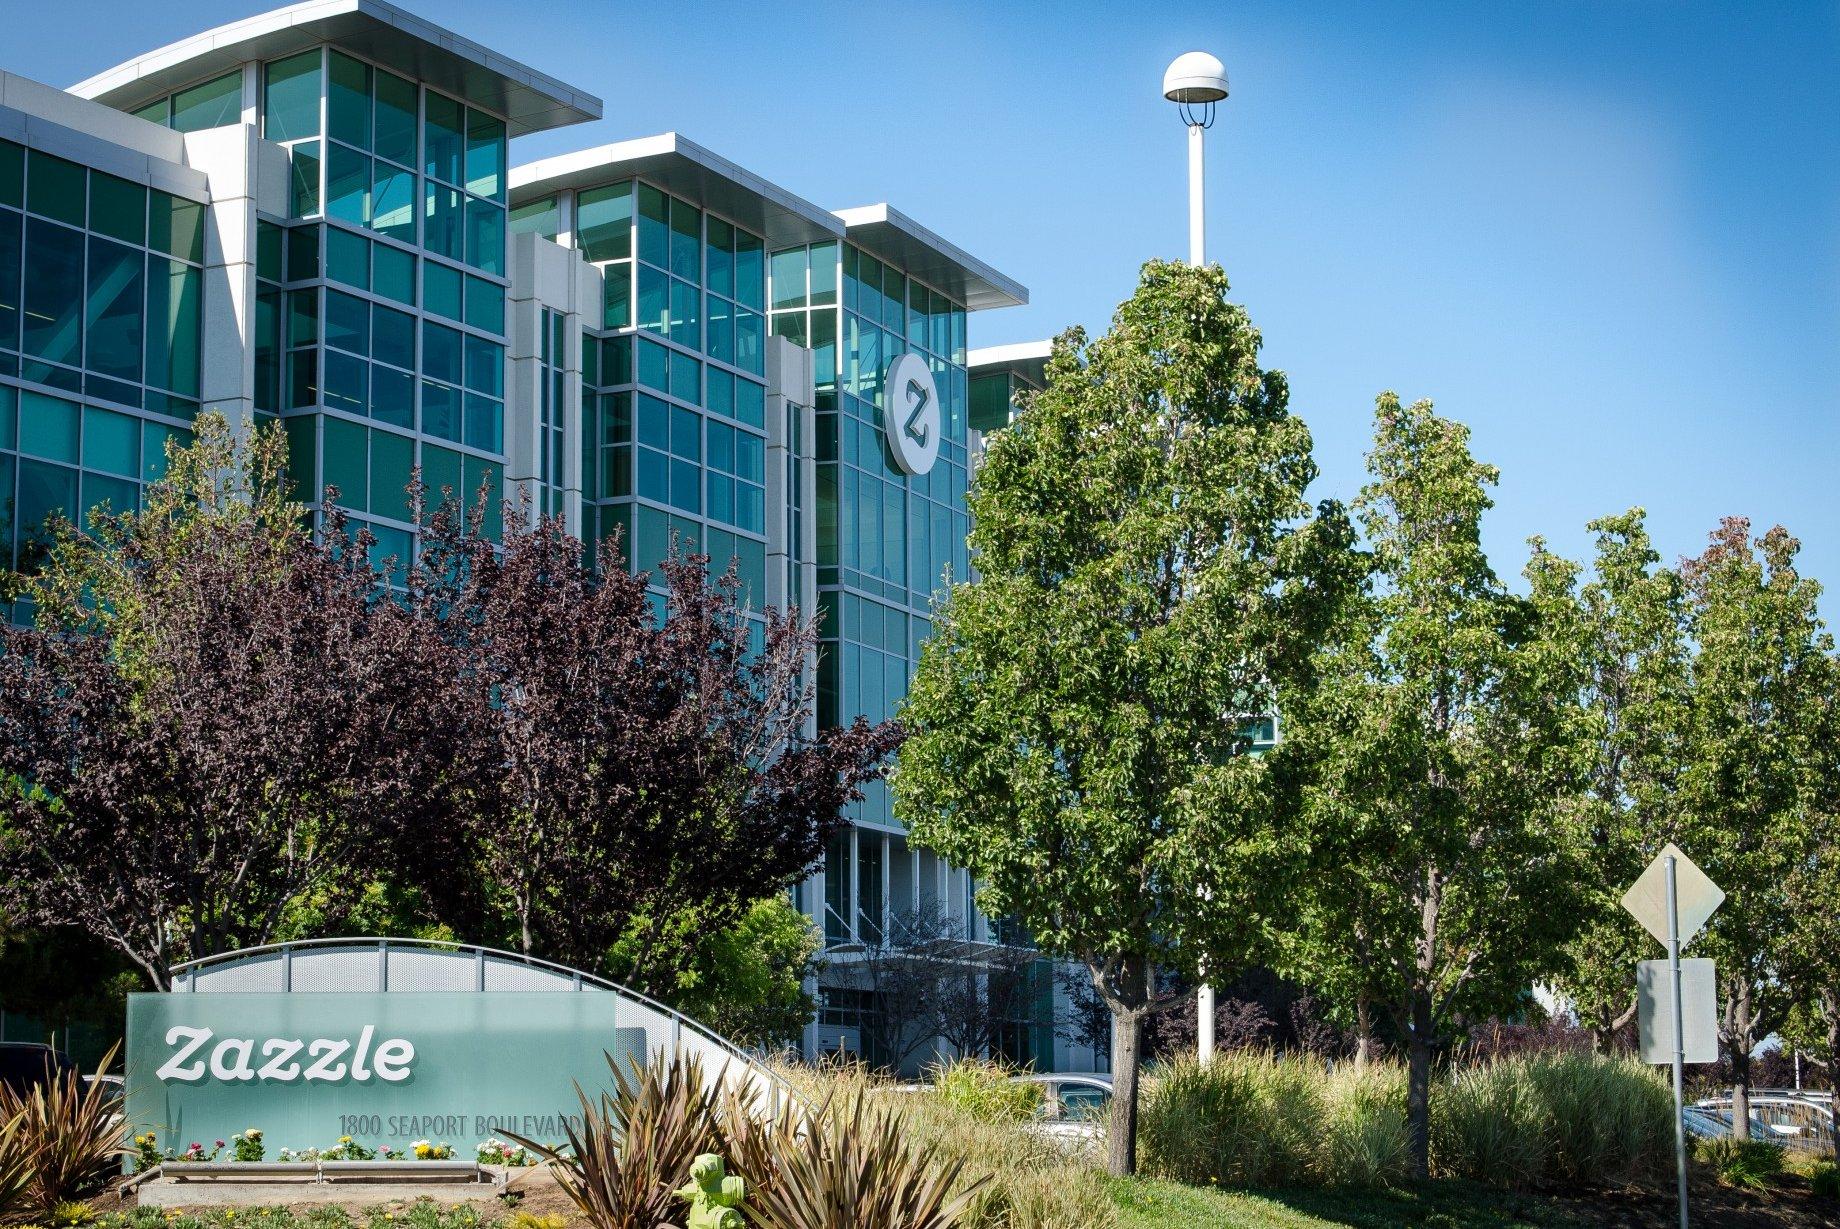 Zazzle Headquarters Facade